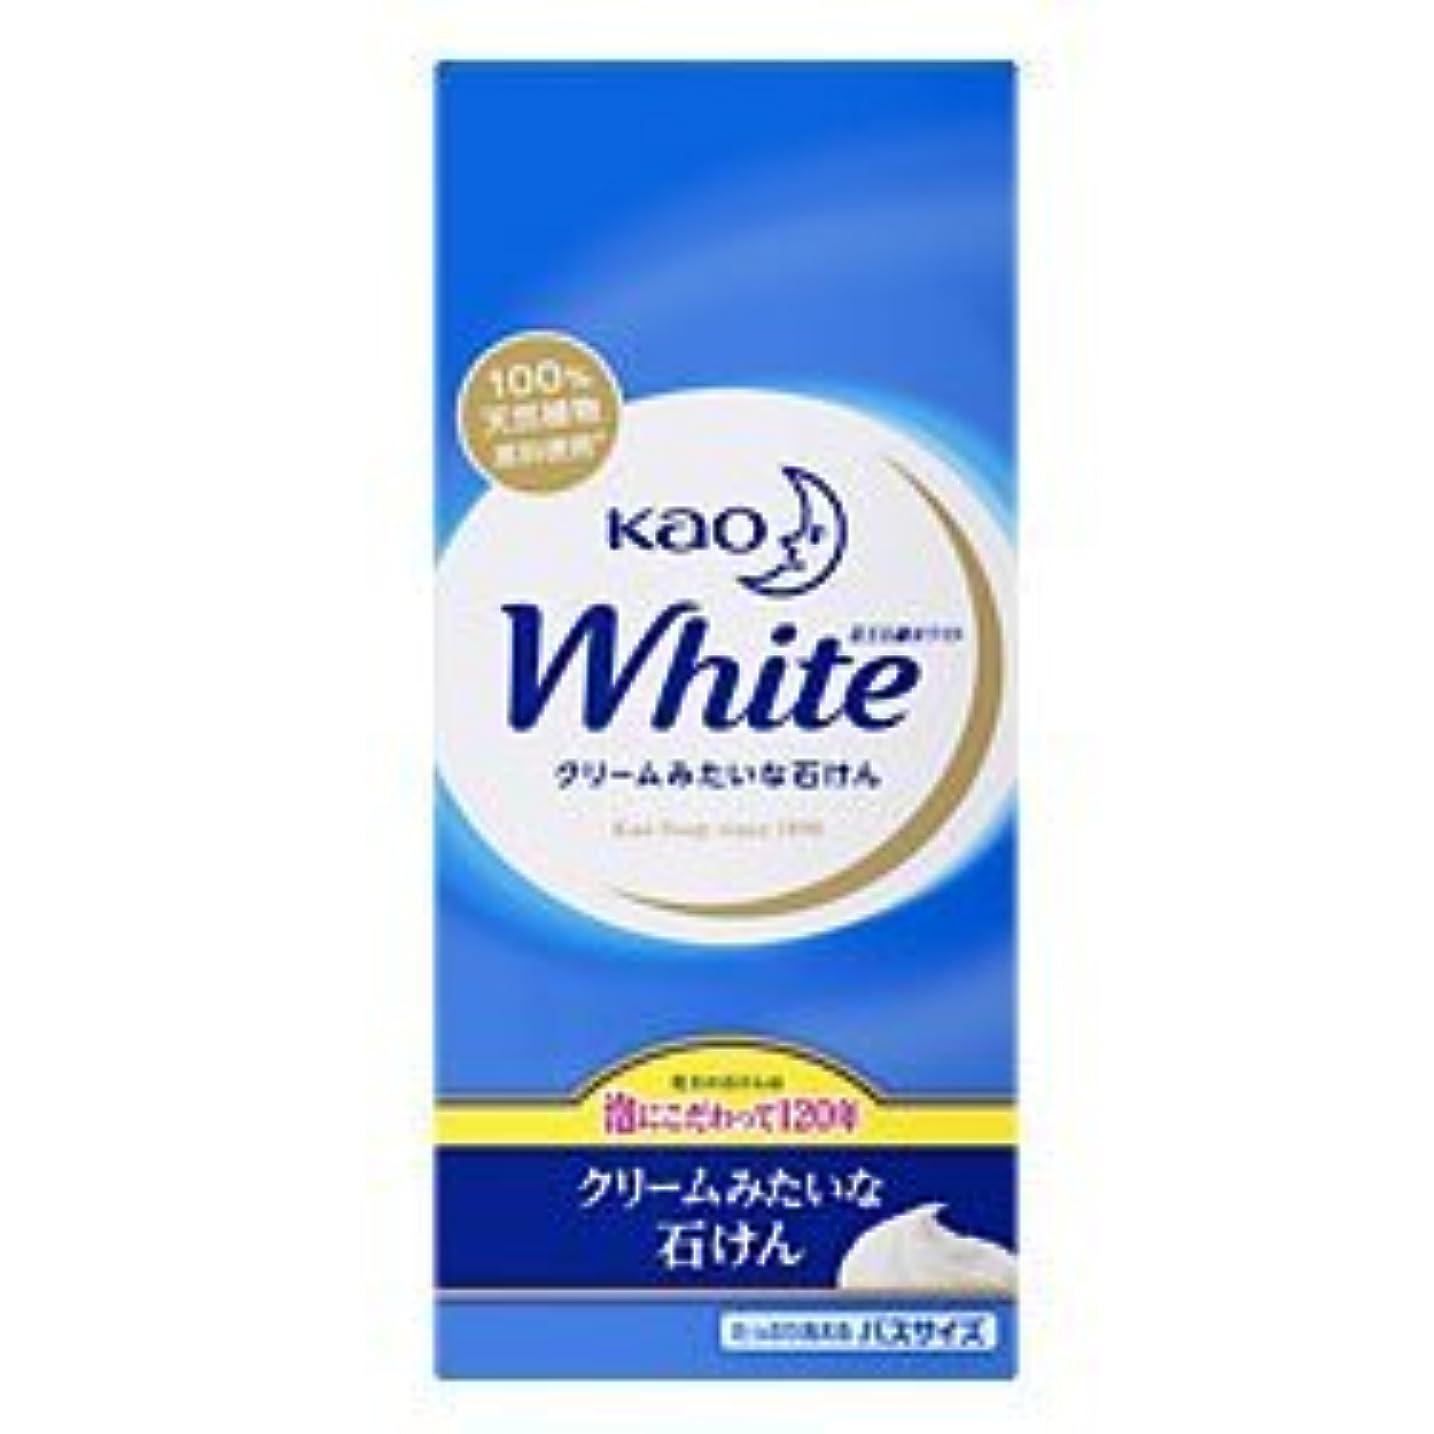 キリストトラクター連想【花王】花王ホワイト バスサイズ 130g×6個 ×5個セット